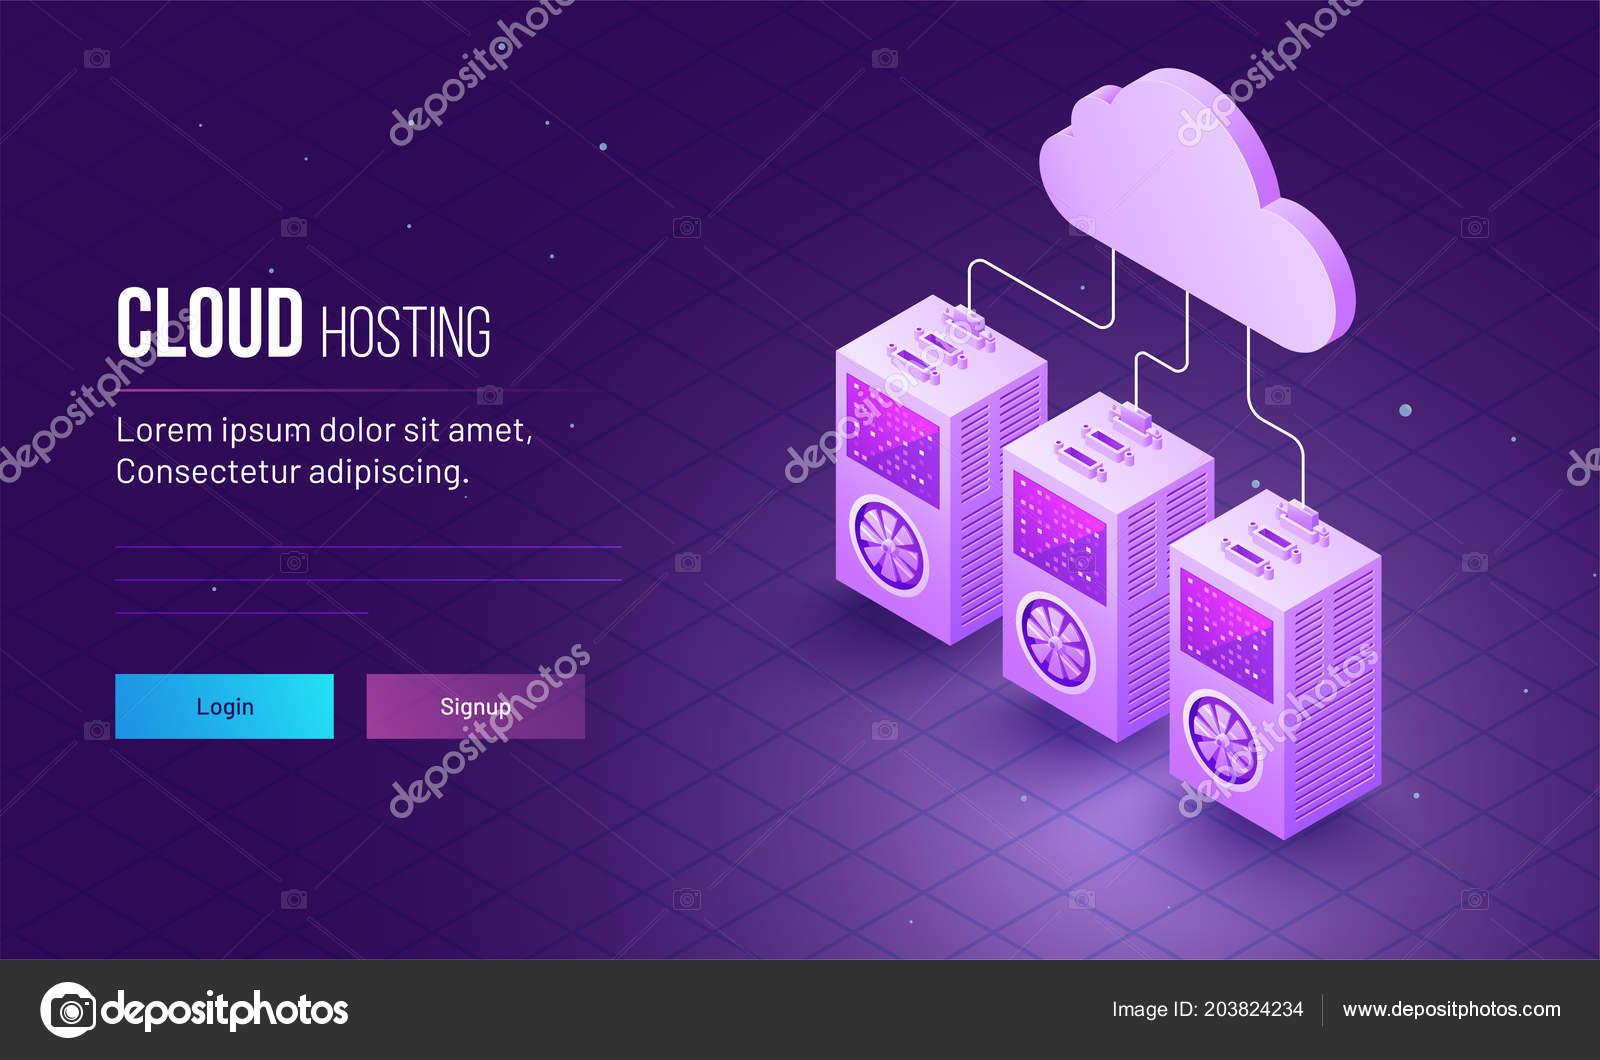 Хостинг хранения изображения взломать пароль хостинг